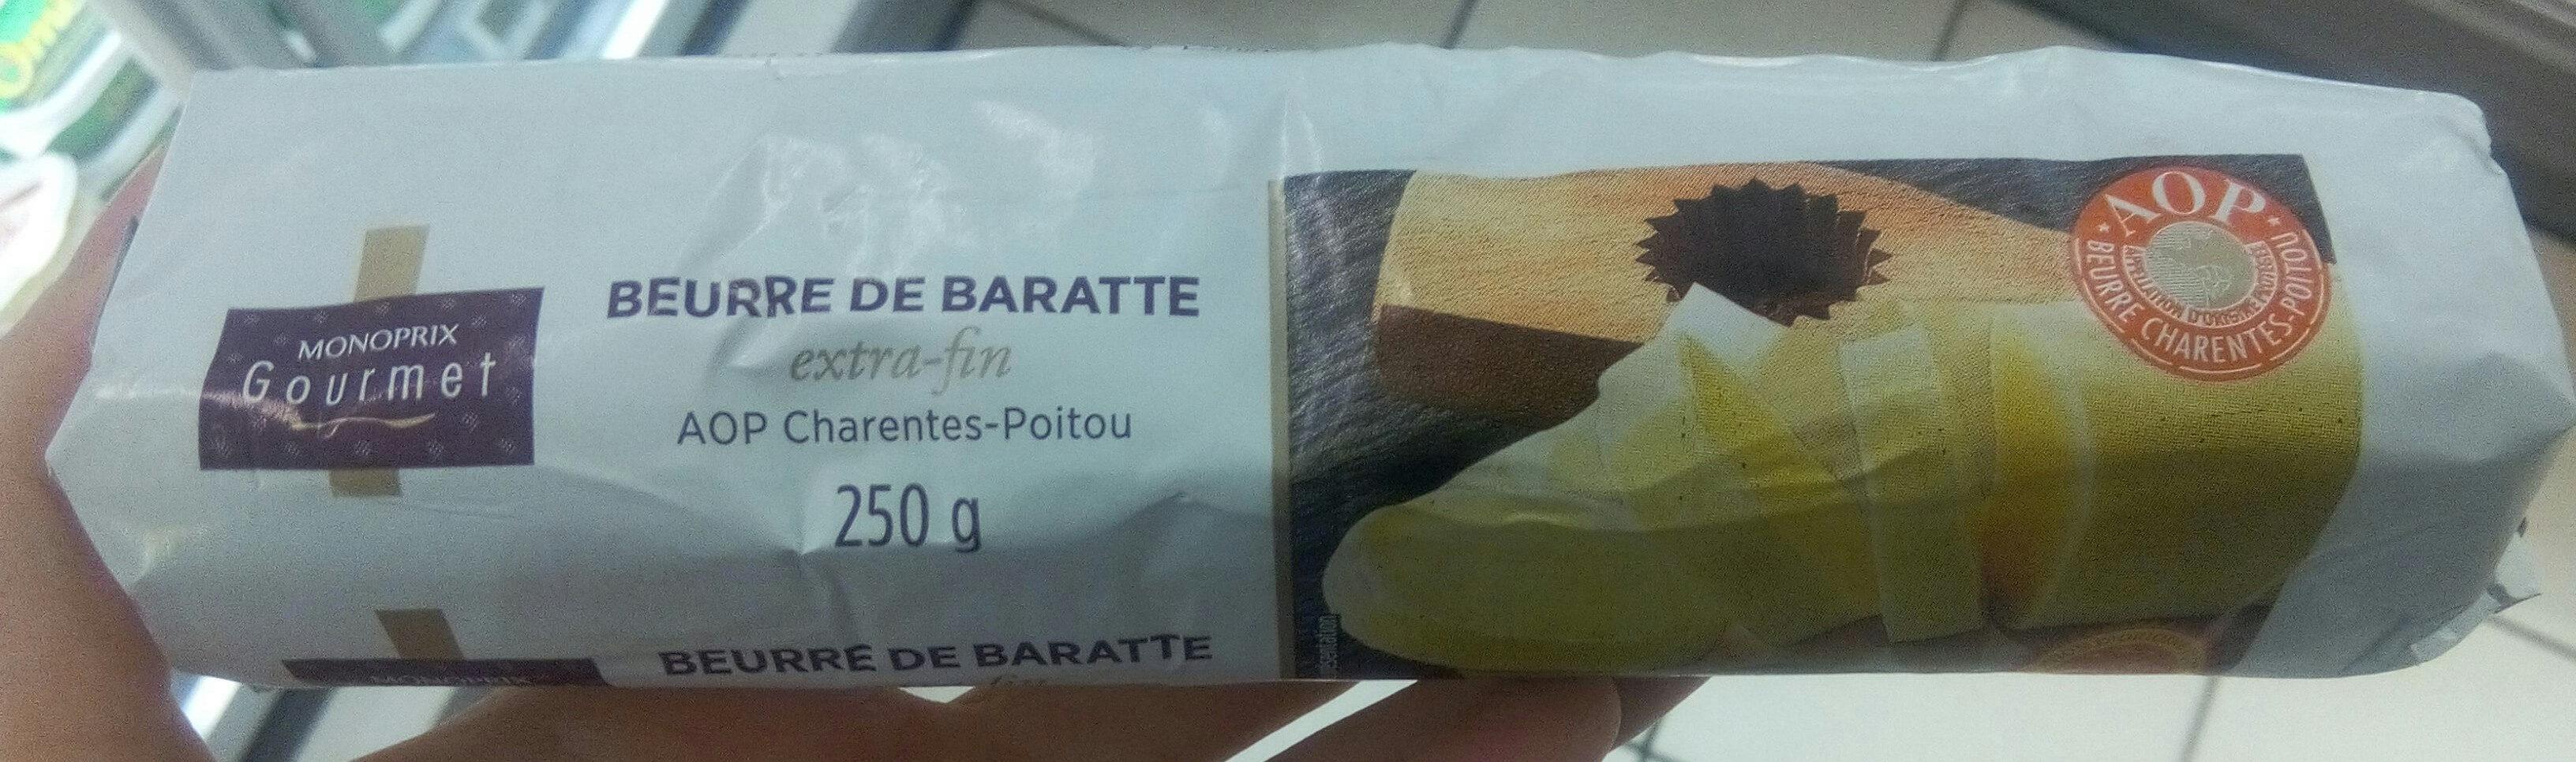 Beurre de baratte extra fin AOP Charente Poitou Monoprix Gourmet - Product